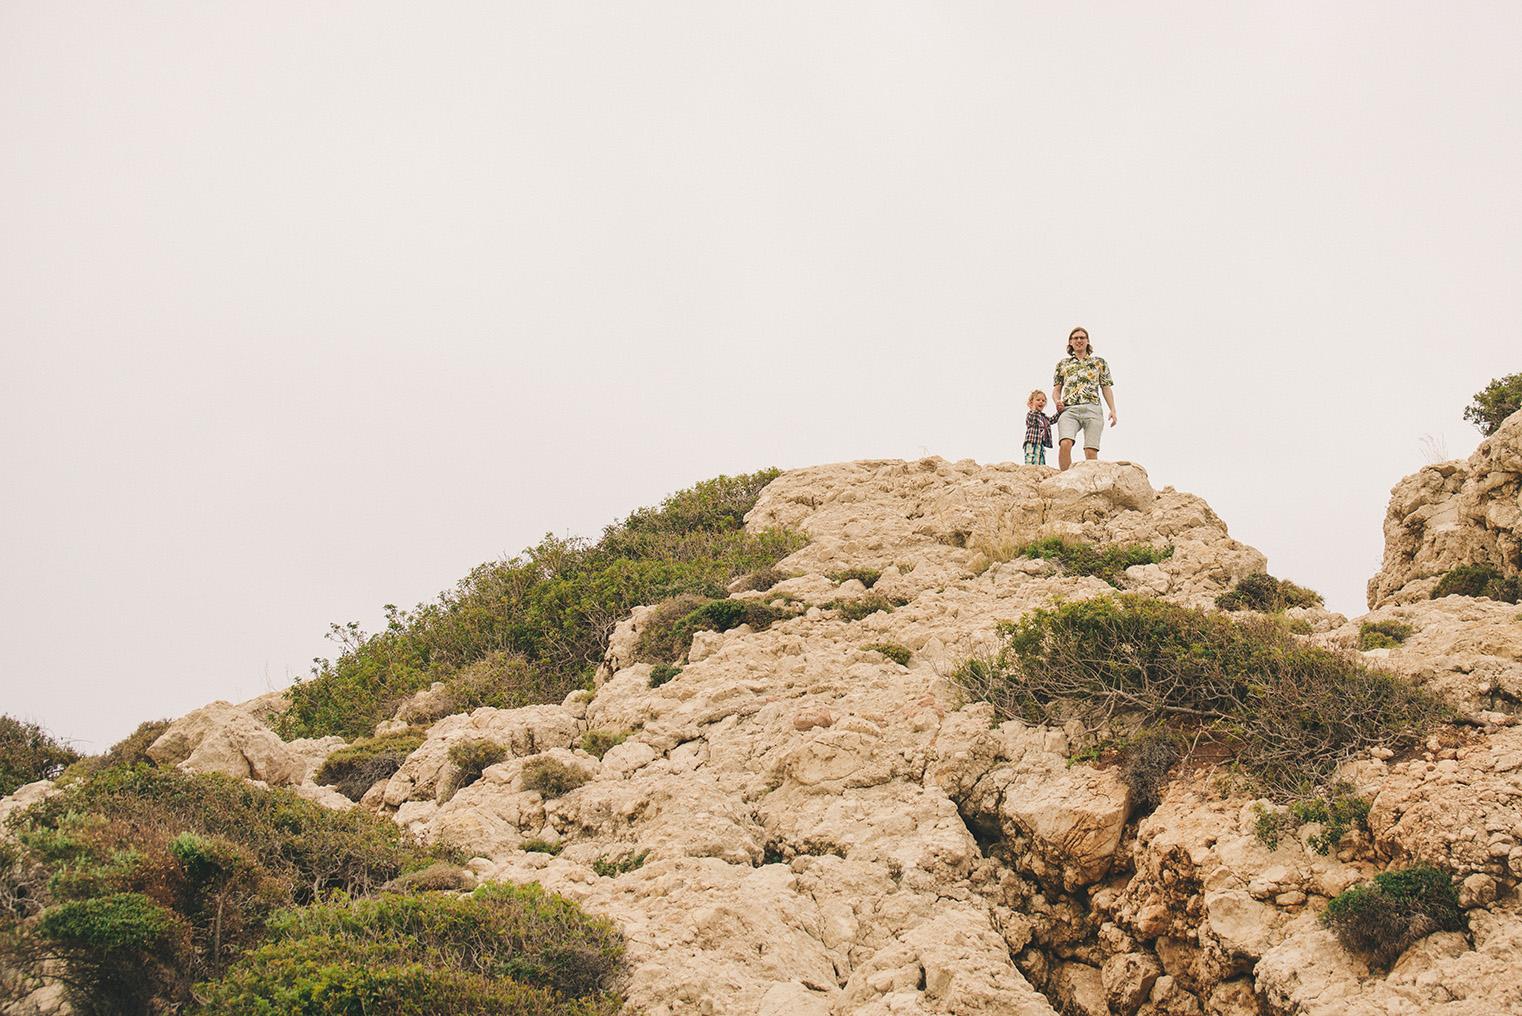 08.Skala Afrodyty - kamienista plaza - Cypr z dzieckiem